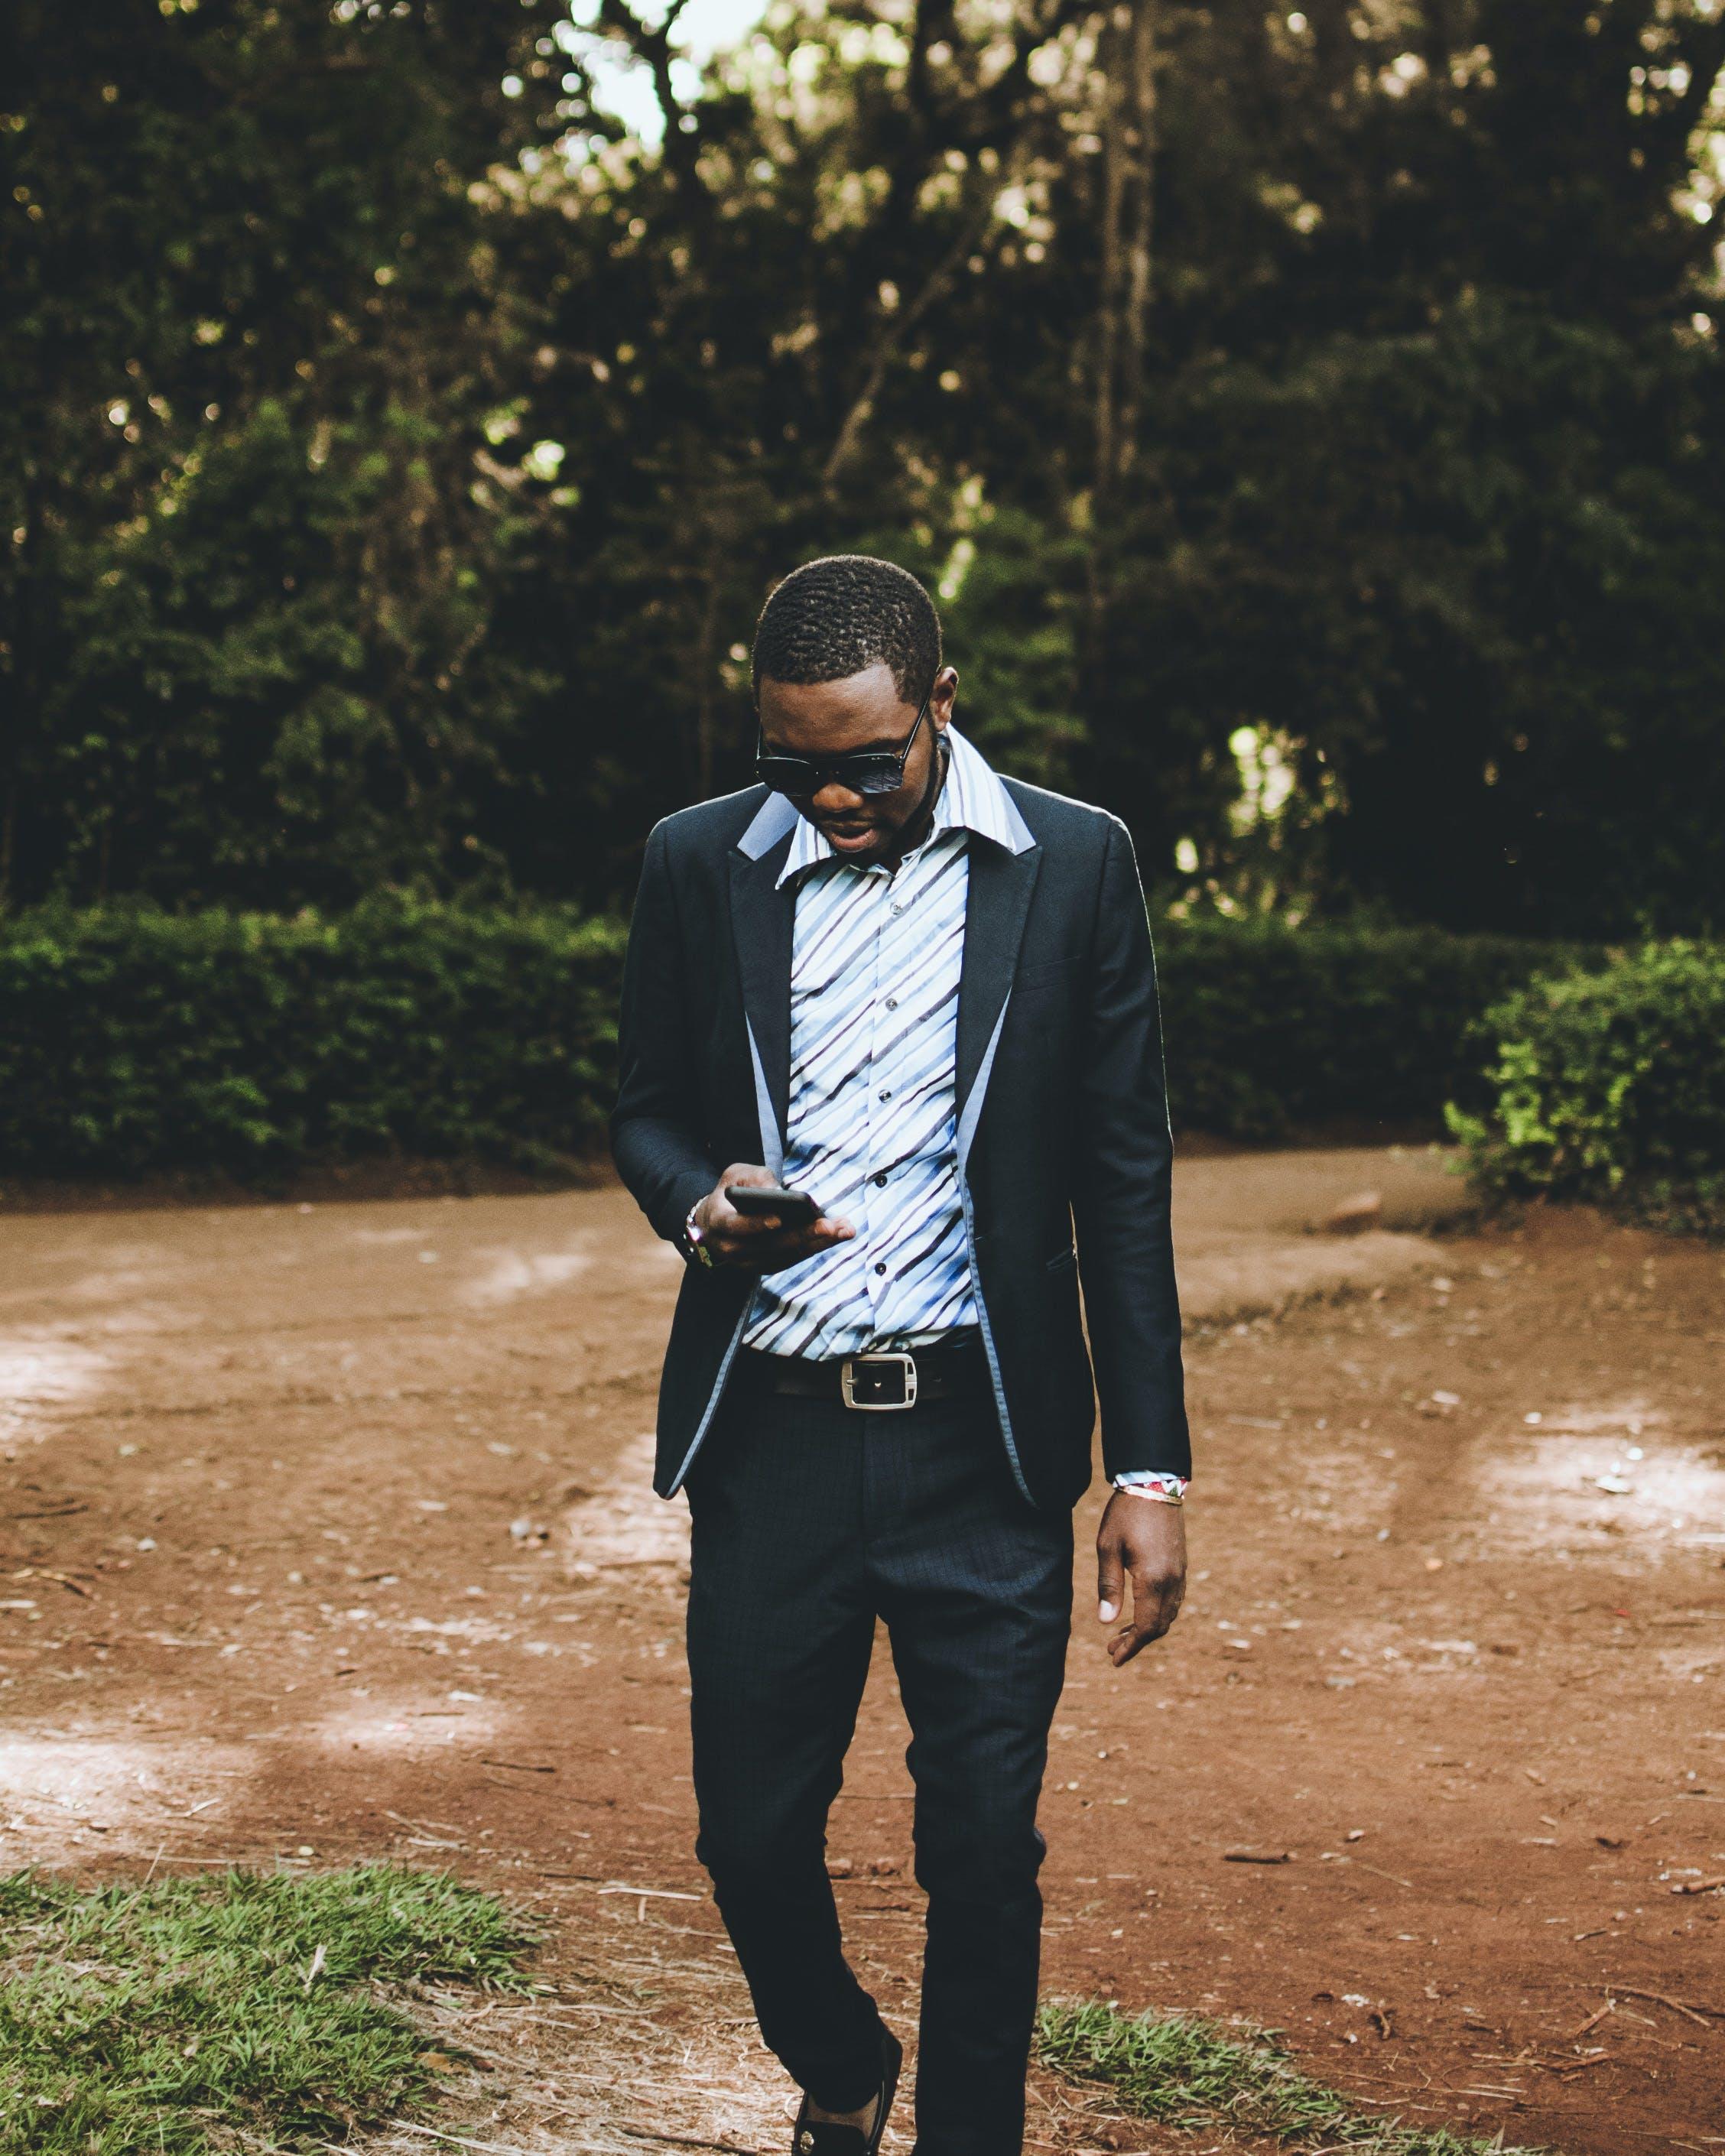 Kostenloses Stock Foto zu afrikanischer mann, bart, black male, brillen